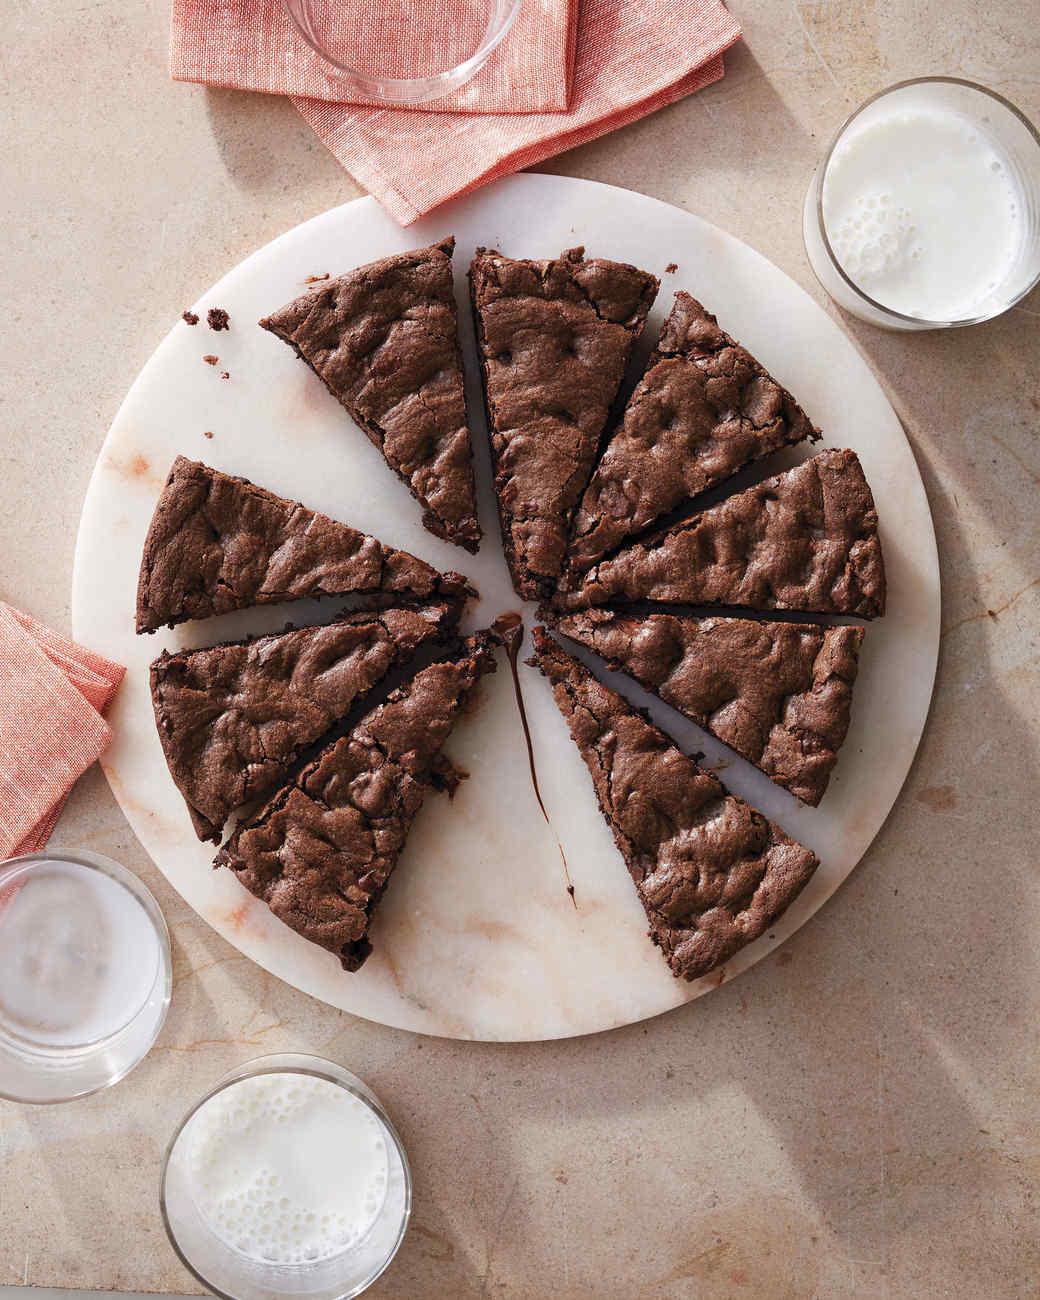 chocolate-skillet-cookie-228-d112793.jpg